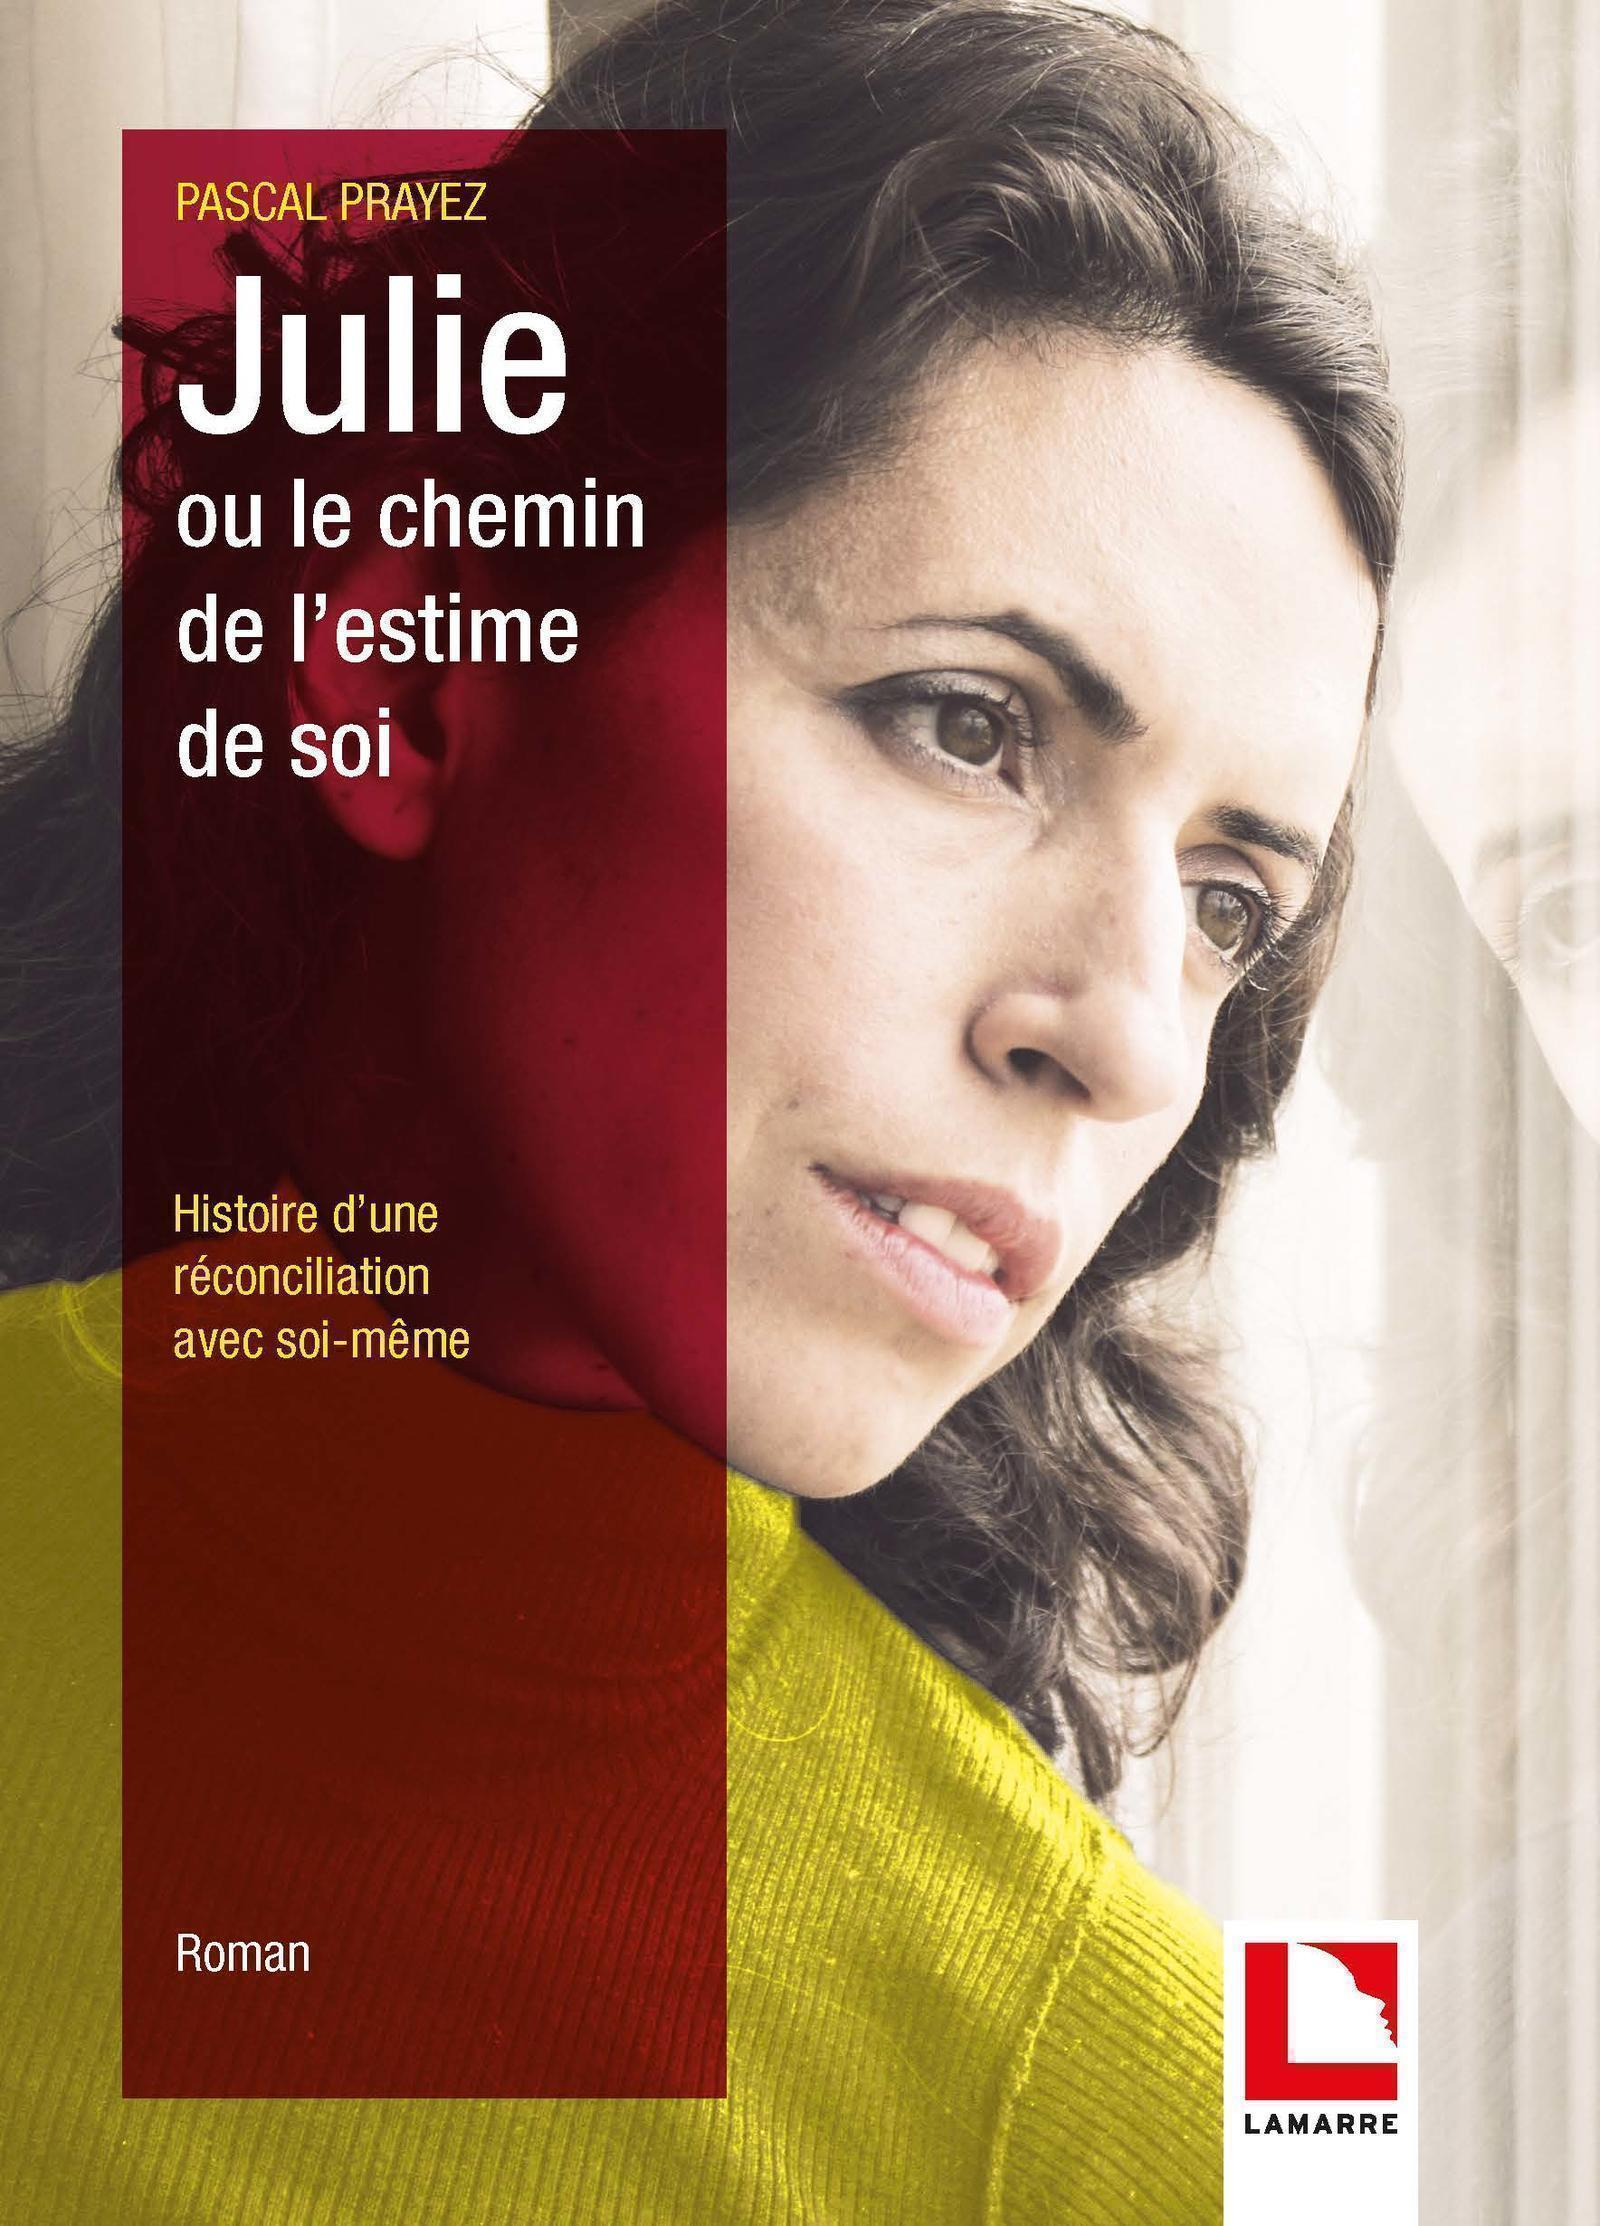 JULIE OU LE CHEMIN DE L'ESTIME DE SOI - HISTOIRE D'UNE RECONCILIATION AVEC SOI MEME